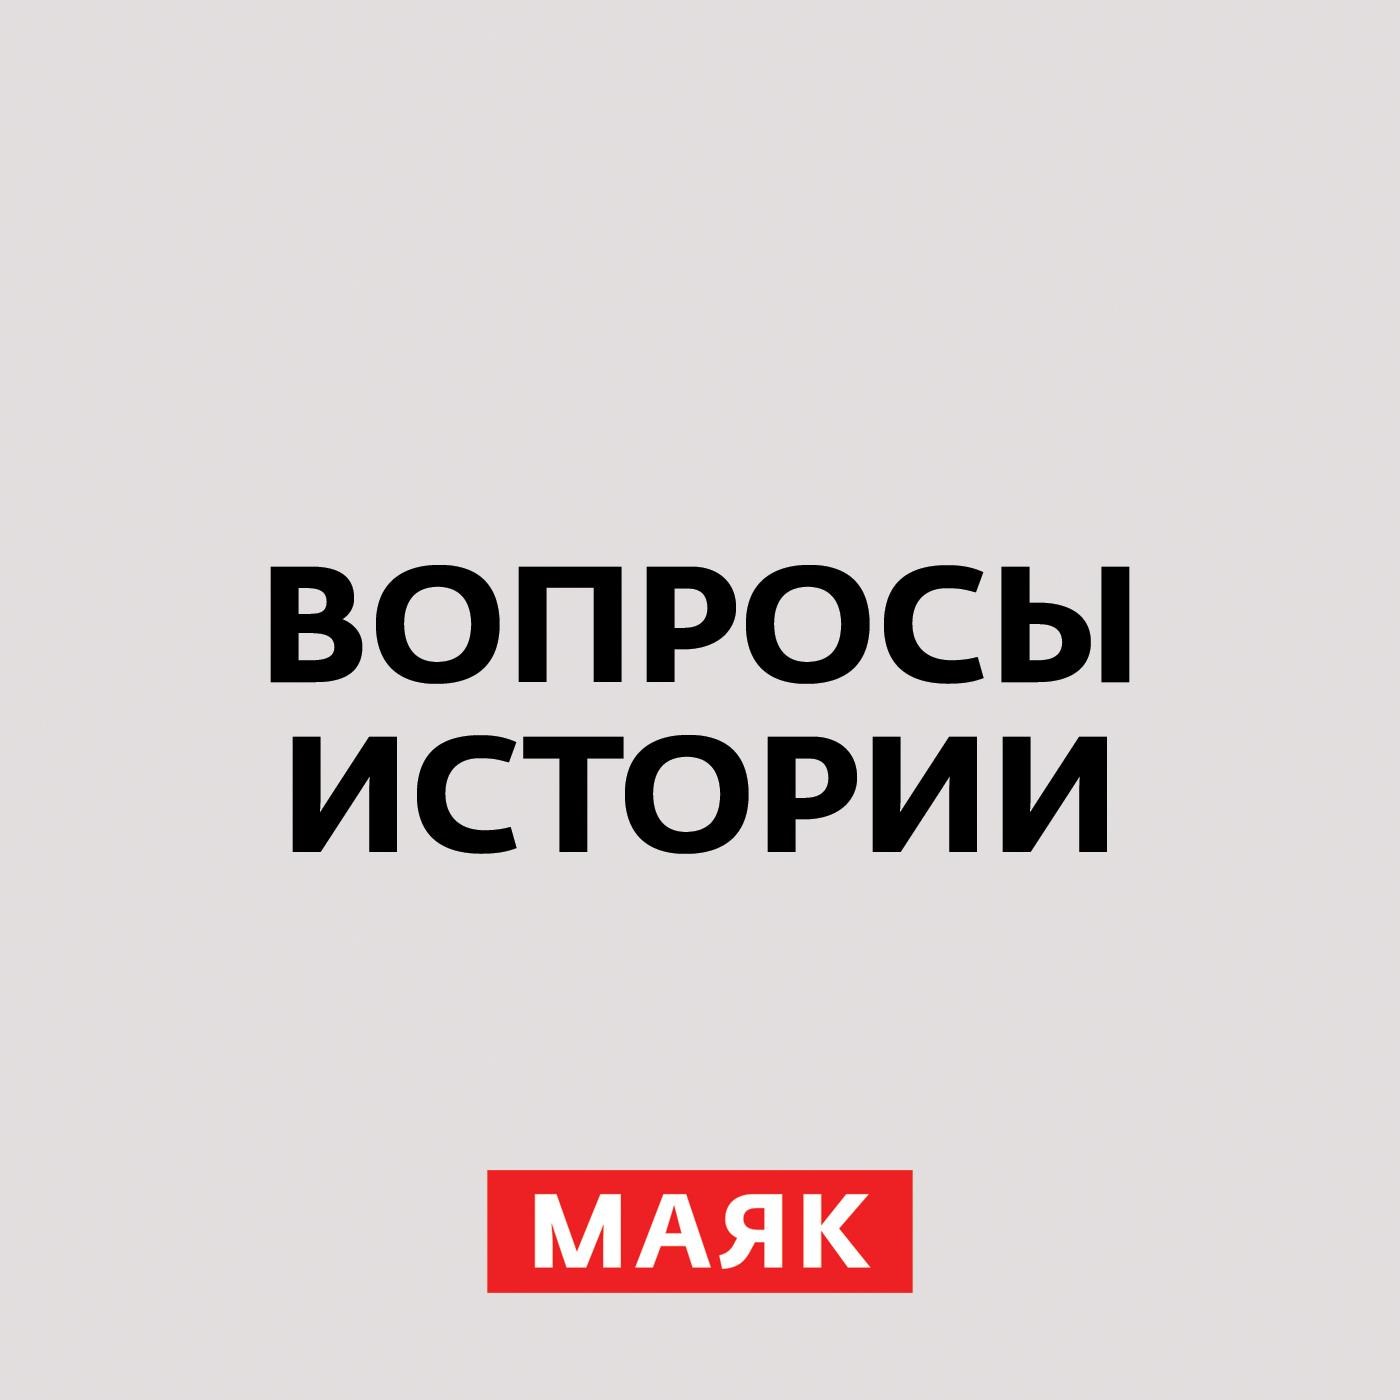 Андрей Светенко Октябрь 41-го года: паника в Москве. Часть 3 маркеты одежды в москве 2017